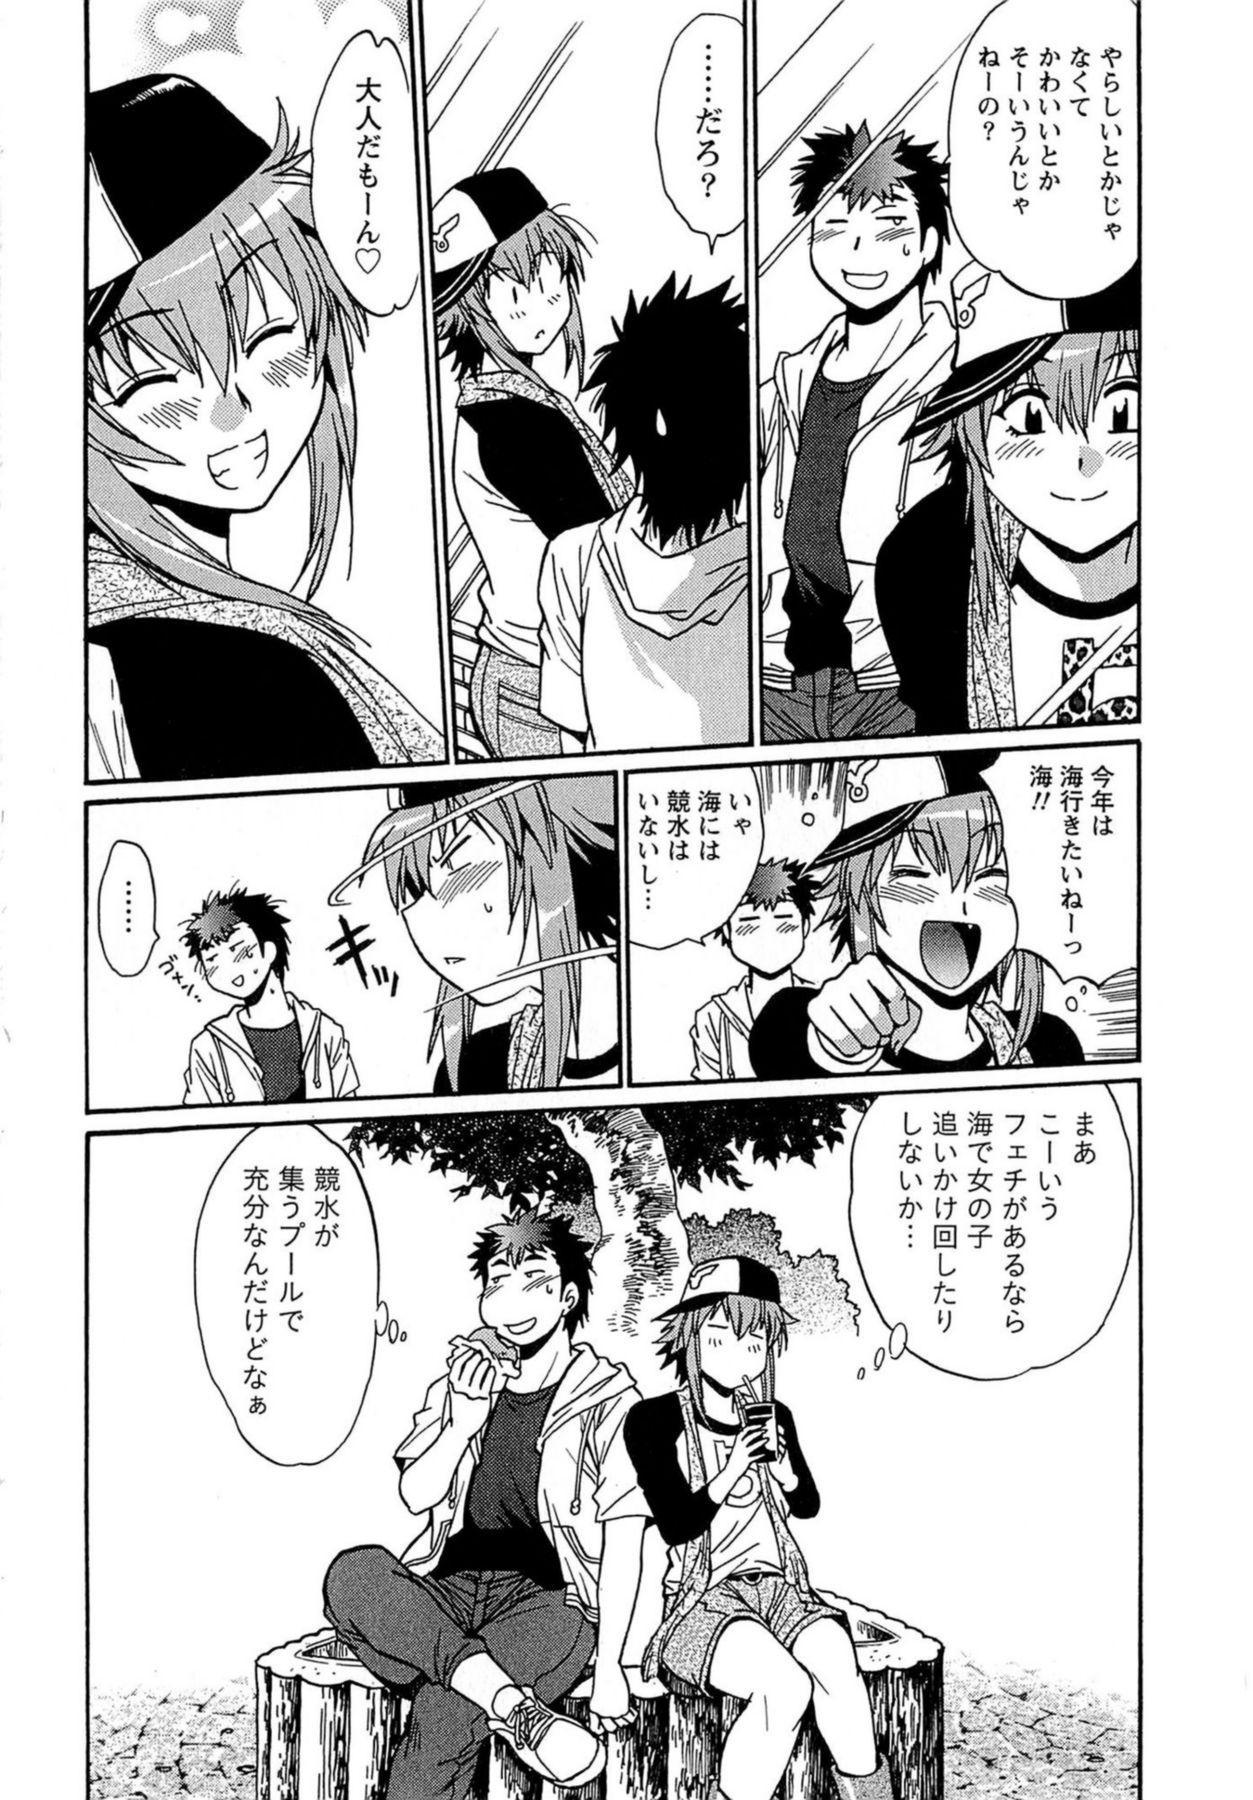 Kuikomi wo Naoshiteru Hima wa Nai! Vol. 1 224